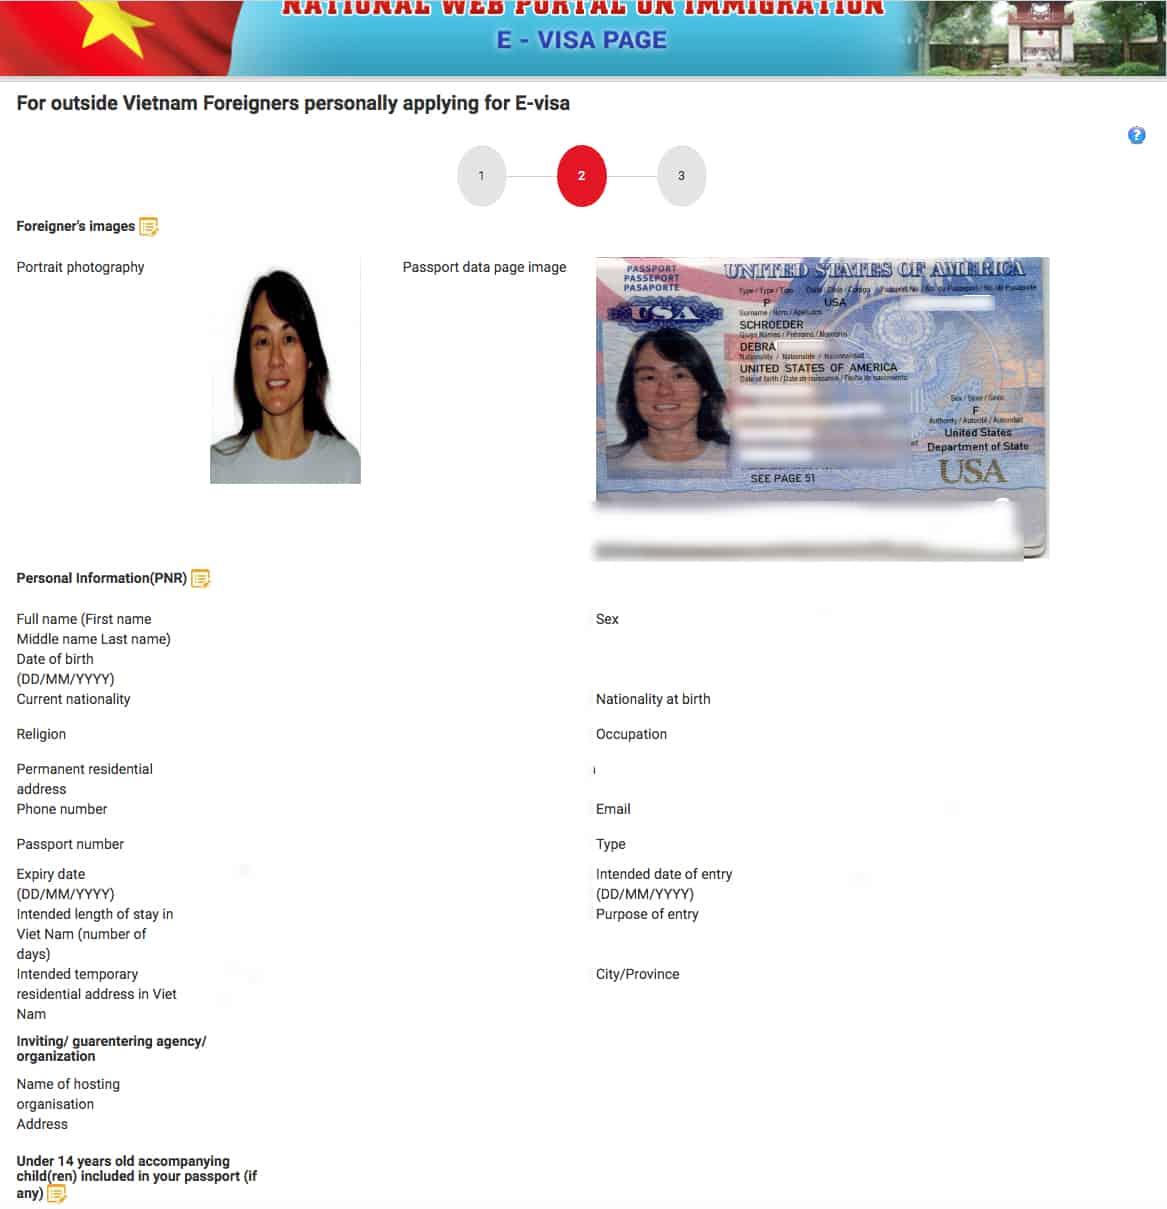 Upload passport photo and passport data page